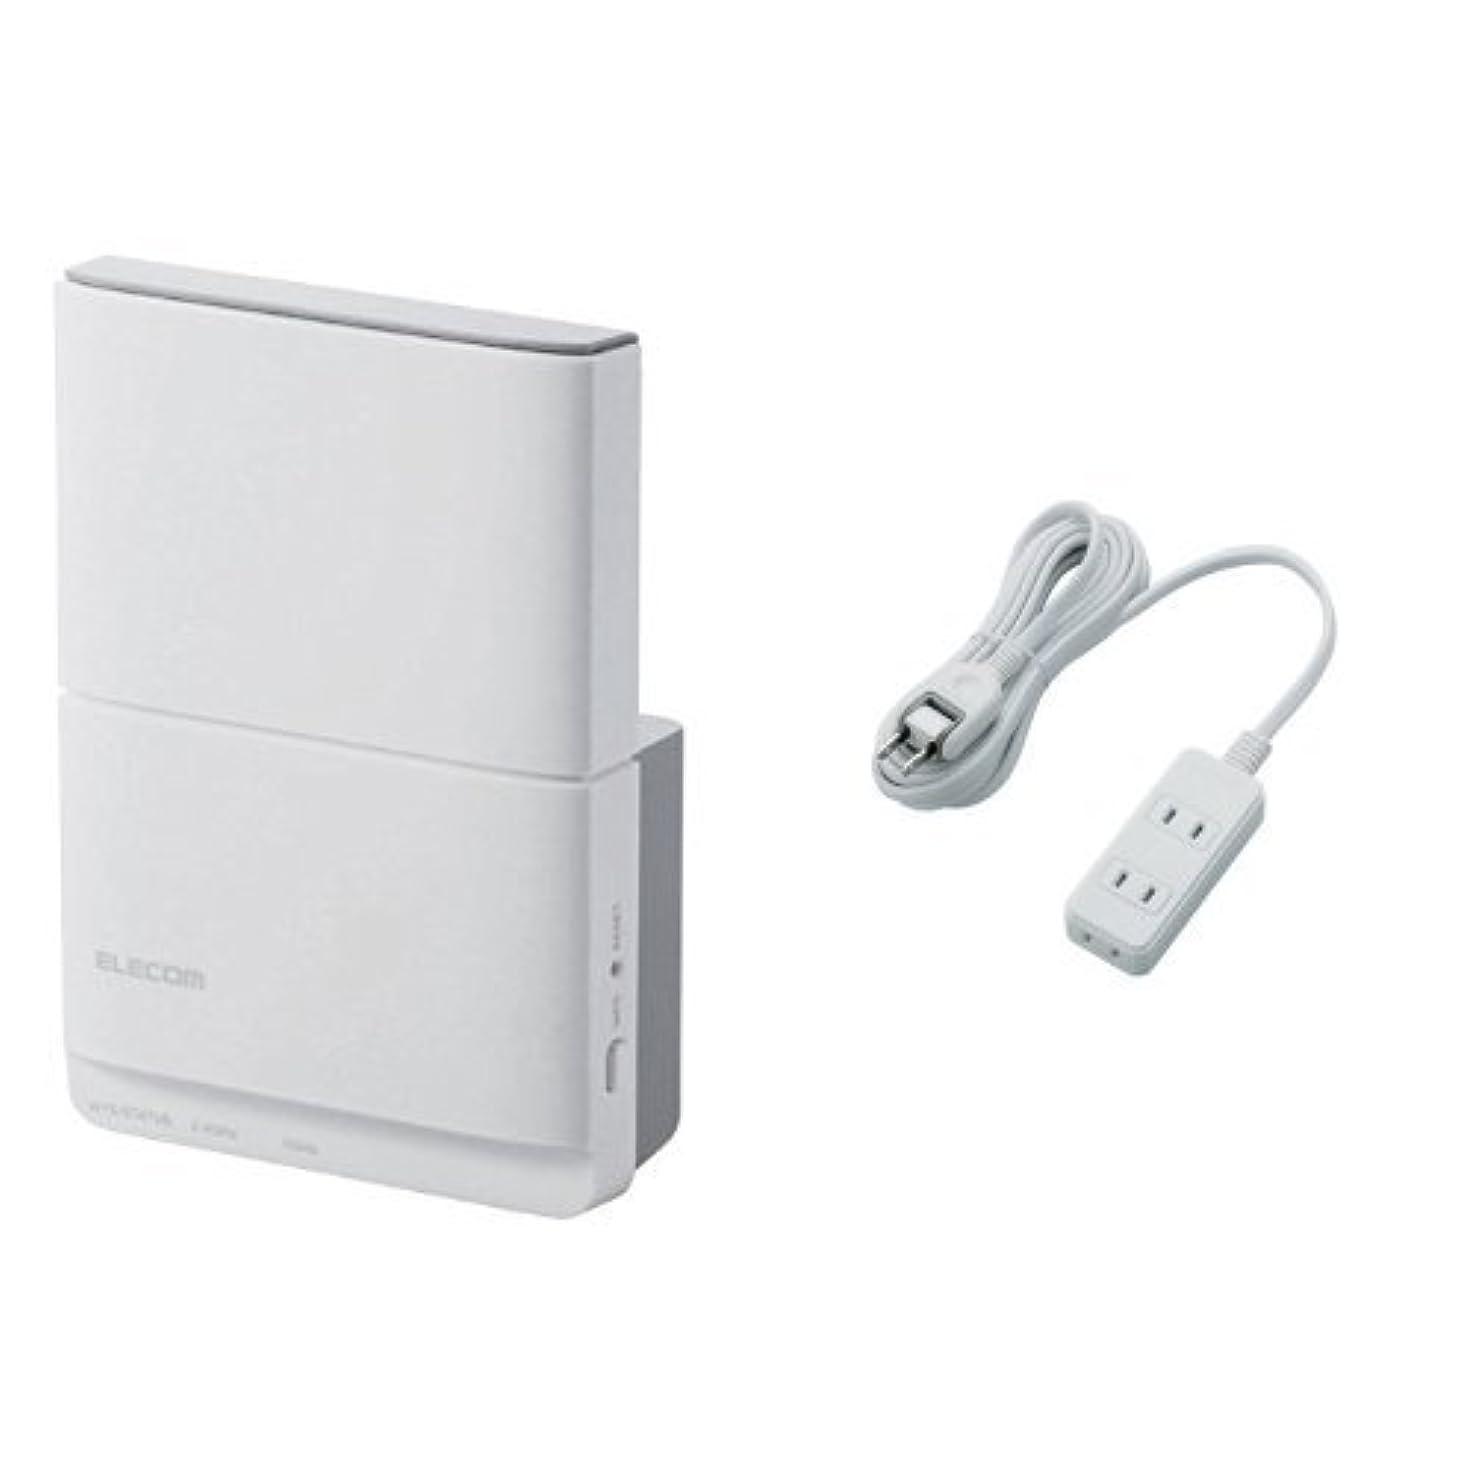 ナチュラ検出可能デコレーションエレコム WiFi 無線LAN 中継器 11ac/n/g/b 867+300Mbps コンセント直挿し WTC-F1167AC + ELECOM 電源タップ ほこり防止シャッター付き 配線しやすい180°スイングプラグ 3個口 3m ホワイト T-ST02-22330WH